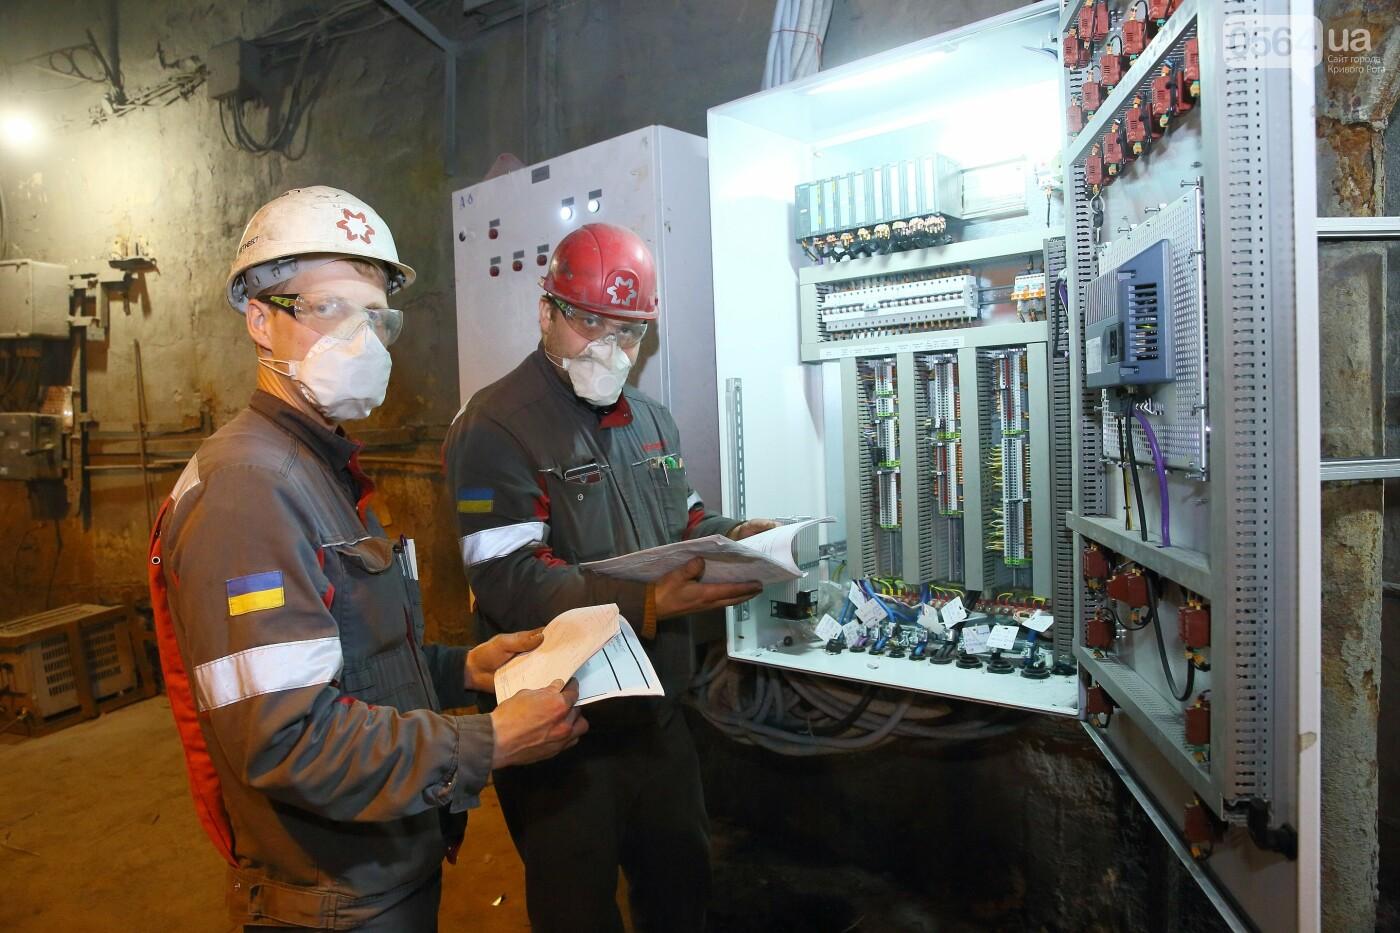 Компанія Метінвест своєчасно забезпечує співробітників засобами індивідуального захисту, фото-5